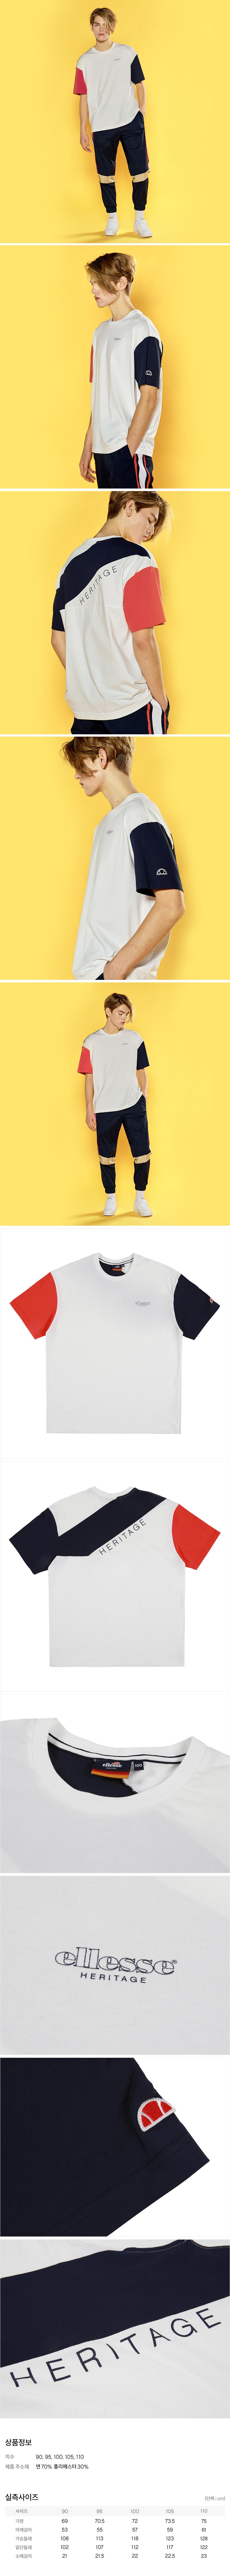 엘레쎄(ELLESSE) 백 포인트 반팔 티셔츠 (오프화이트)EJ2UHTR391